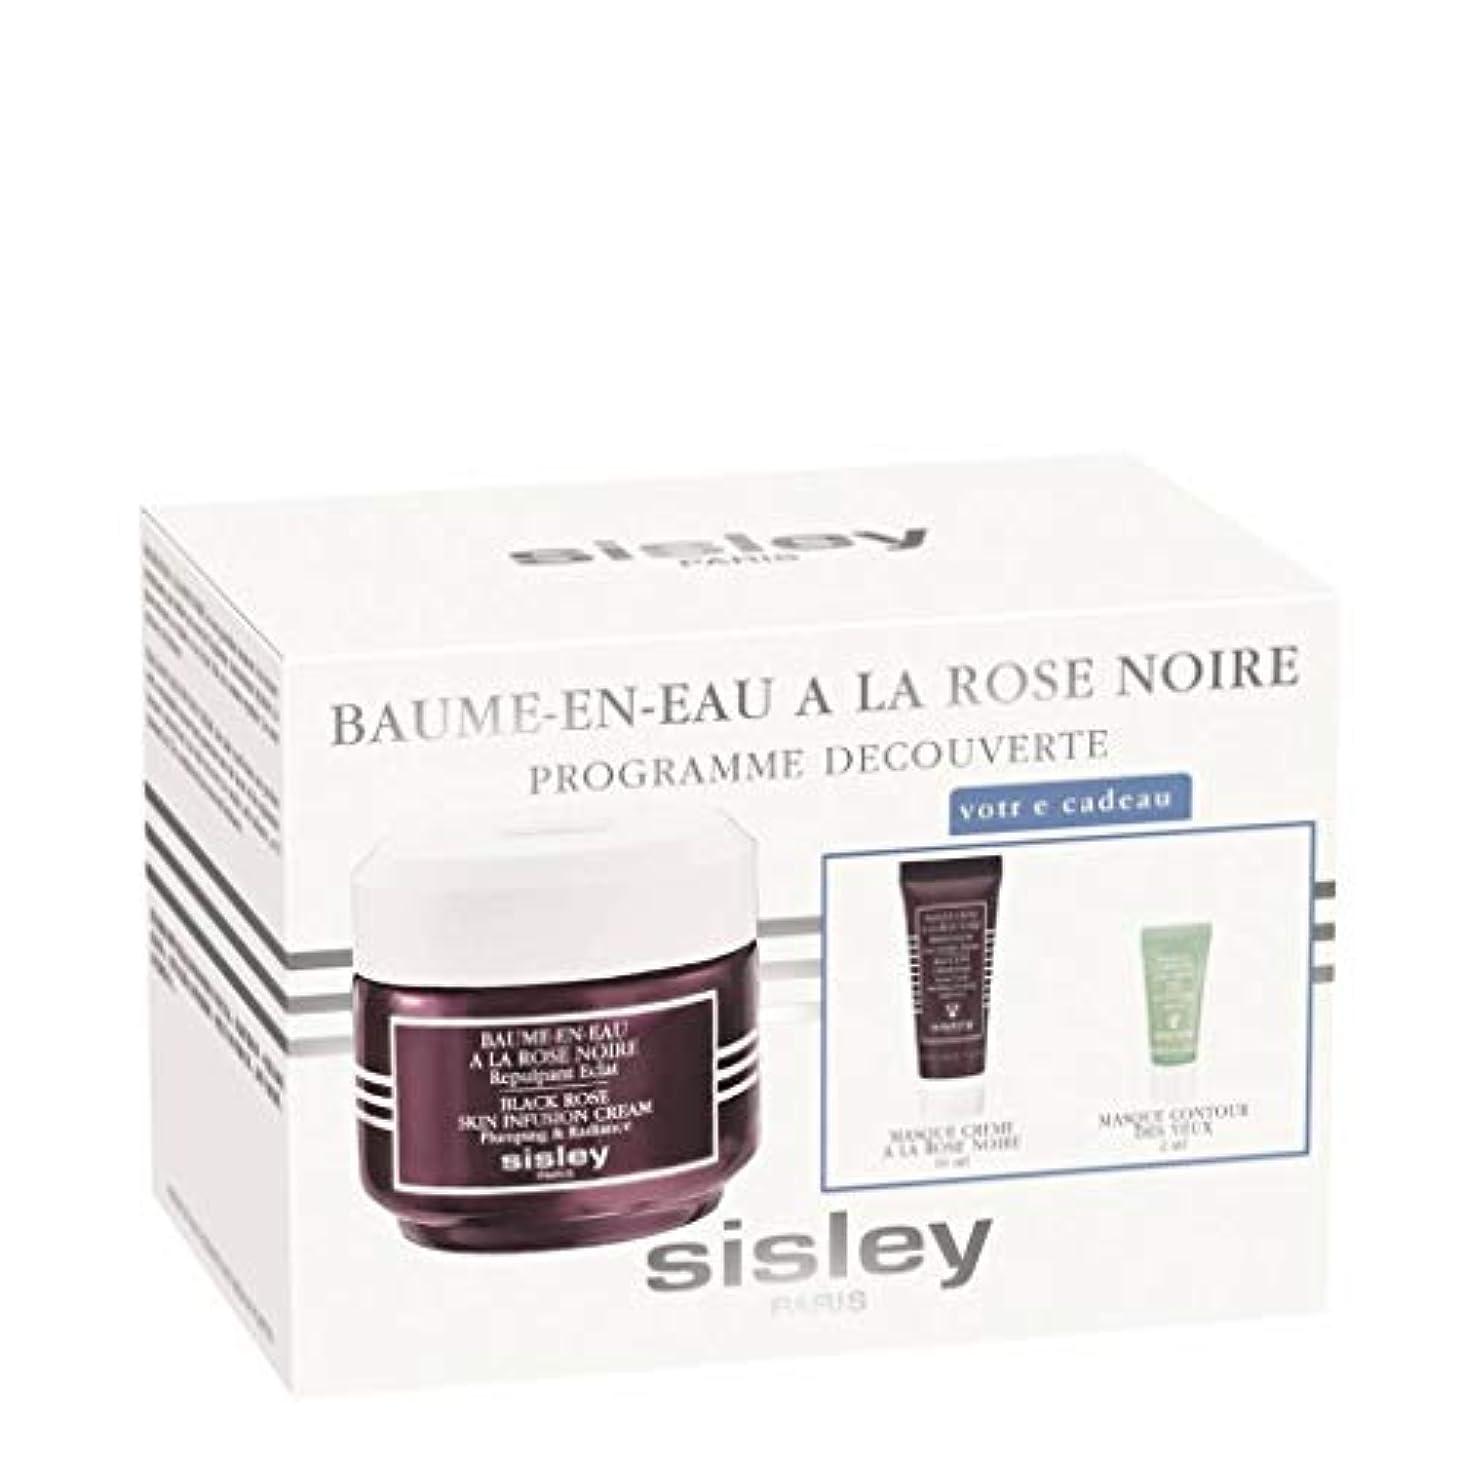 吸収パトロール資格情報シスレー Black Rose Skin Infusion Cream Discovery Program: Black Rose Skin Infusion Cream 50ml+Black Rose Cream Mask...